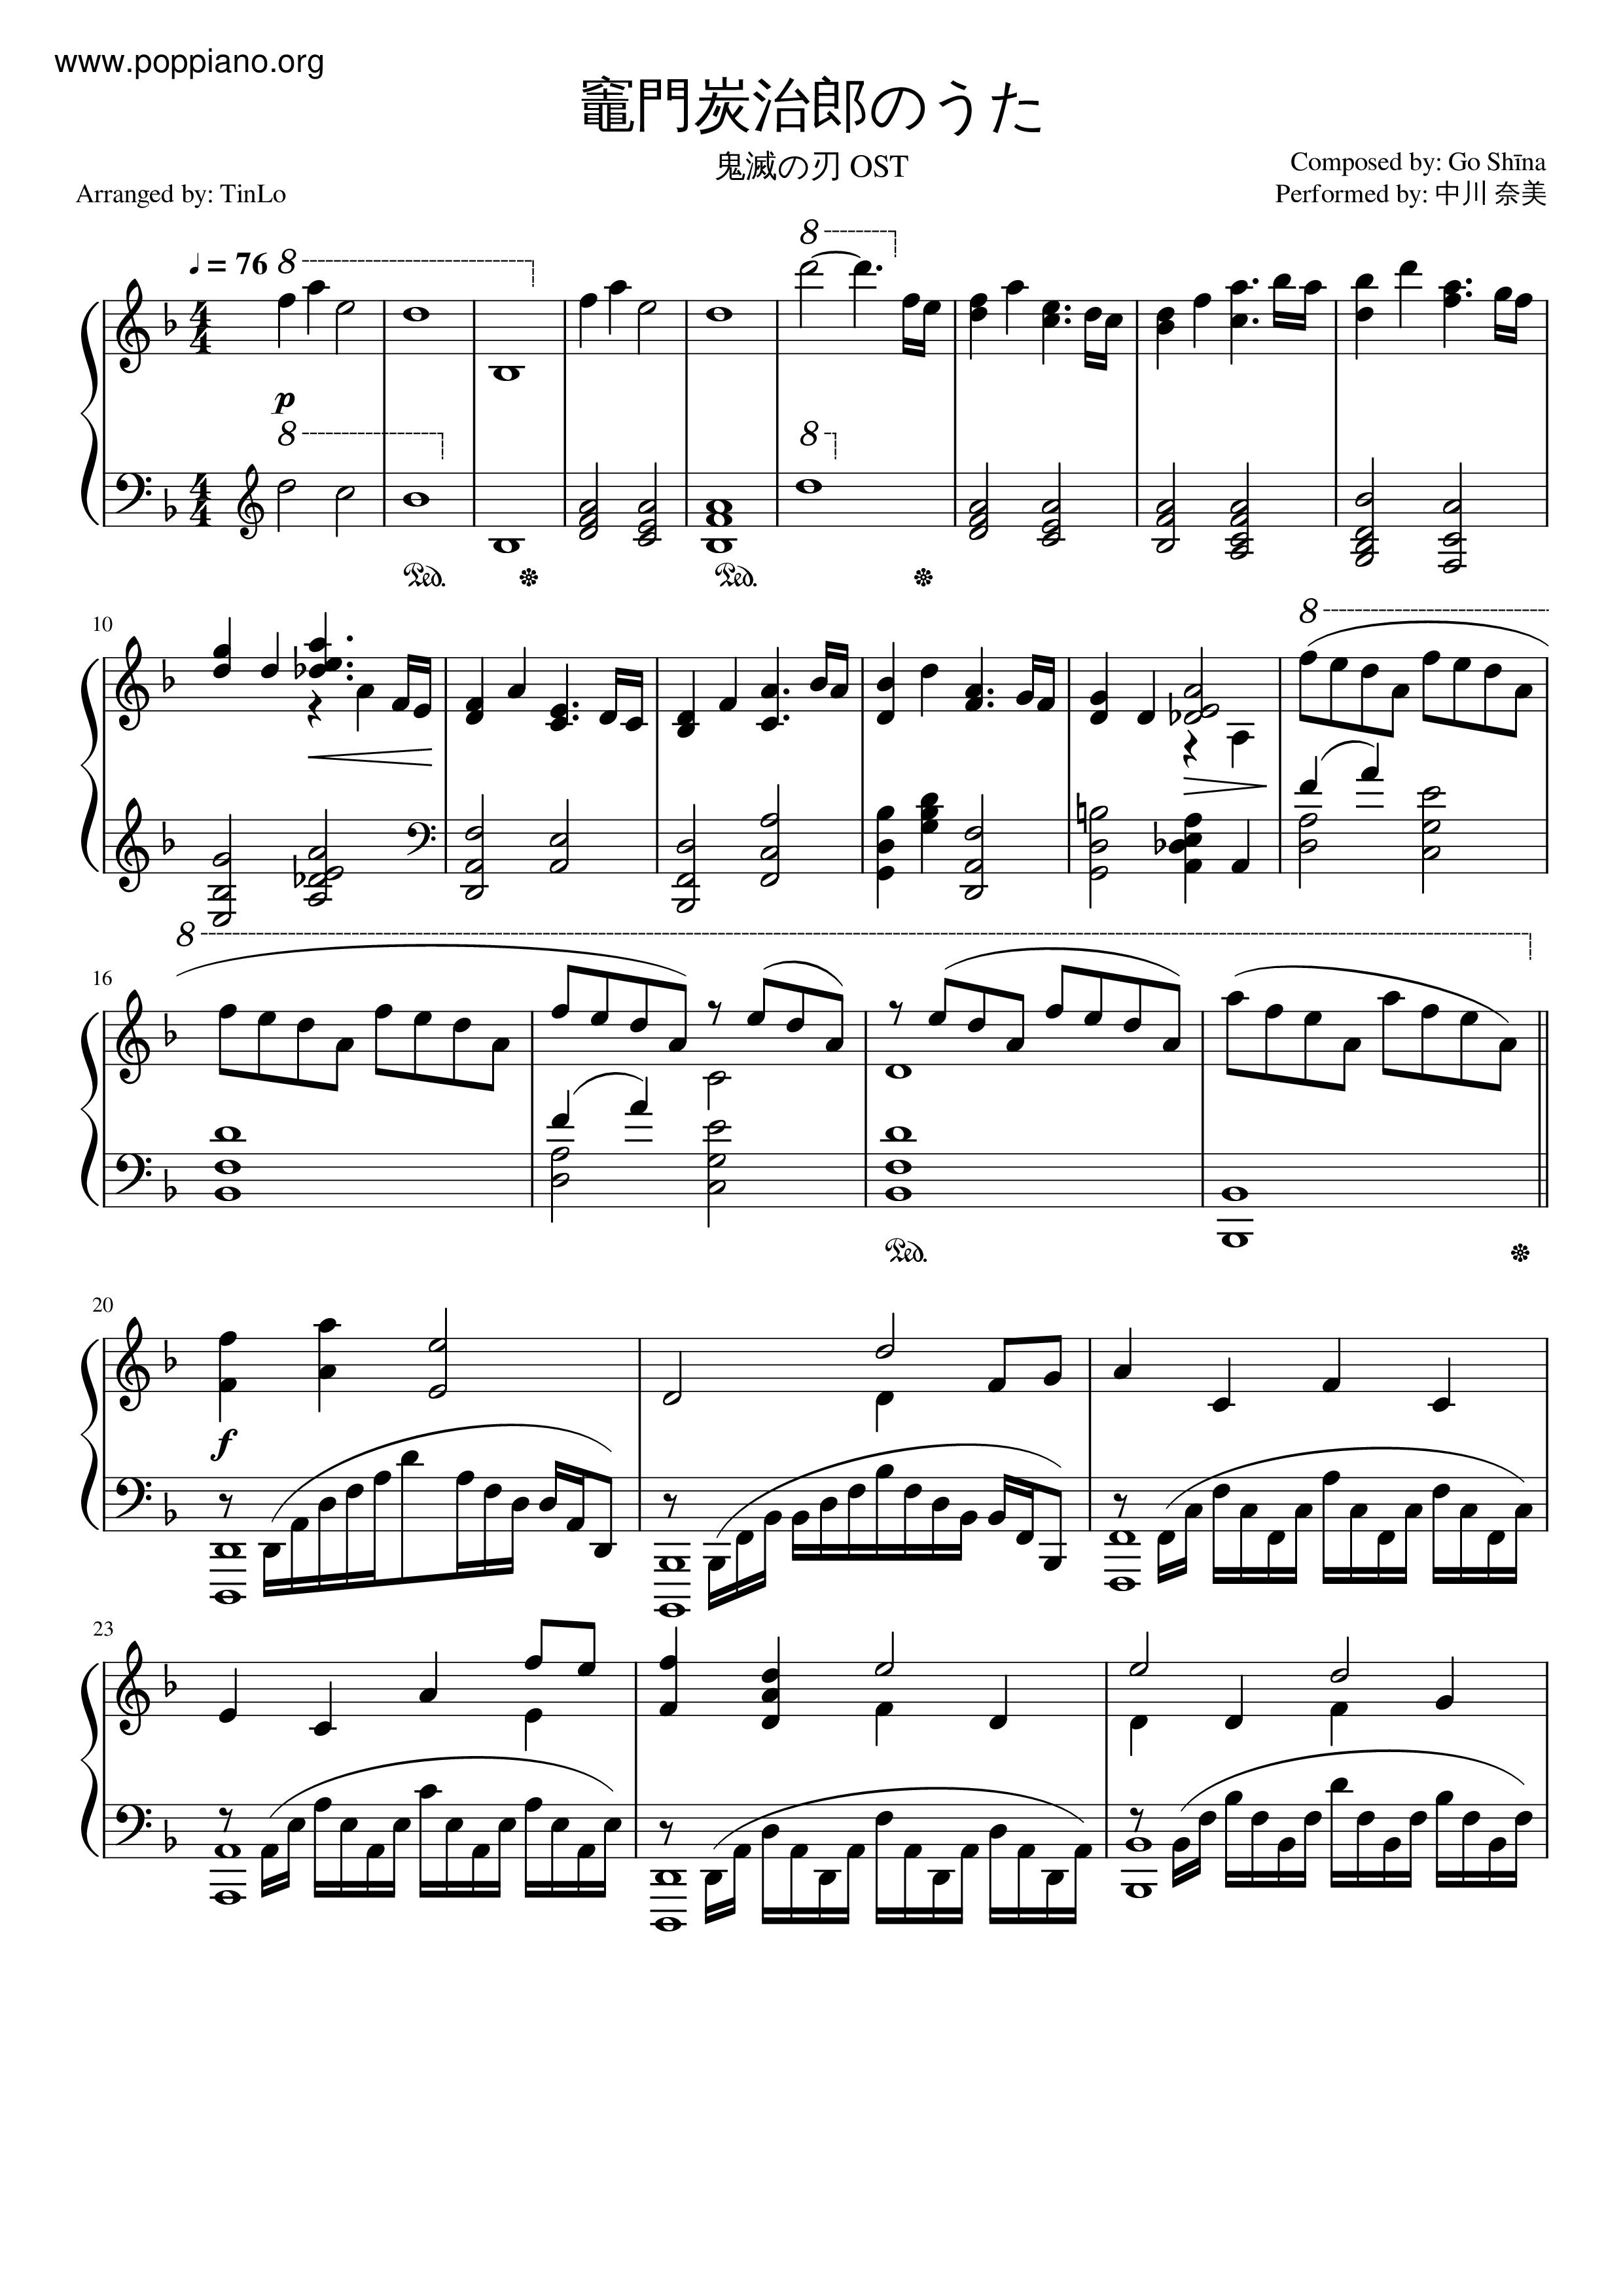 炭 治郎 の 歌 楽譜 【楽譜】竈門炭治郎のうた / 椎名 豪 featuring